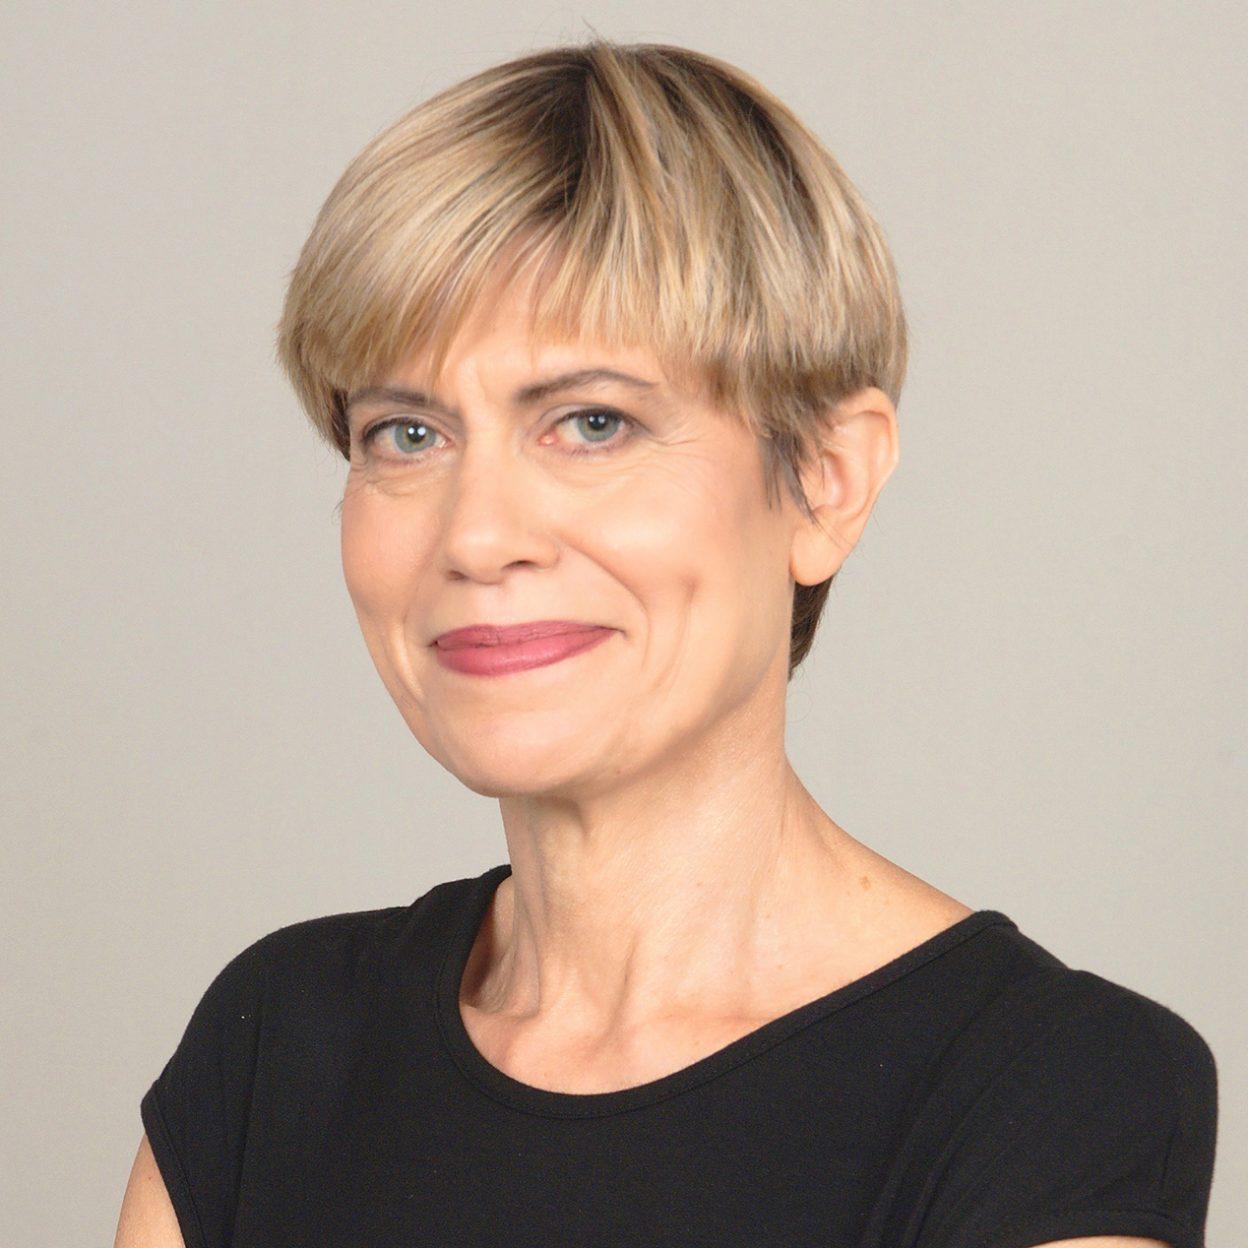 Joanne Kesten